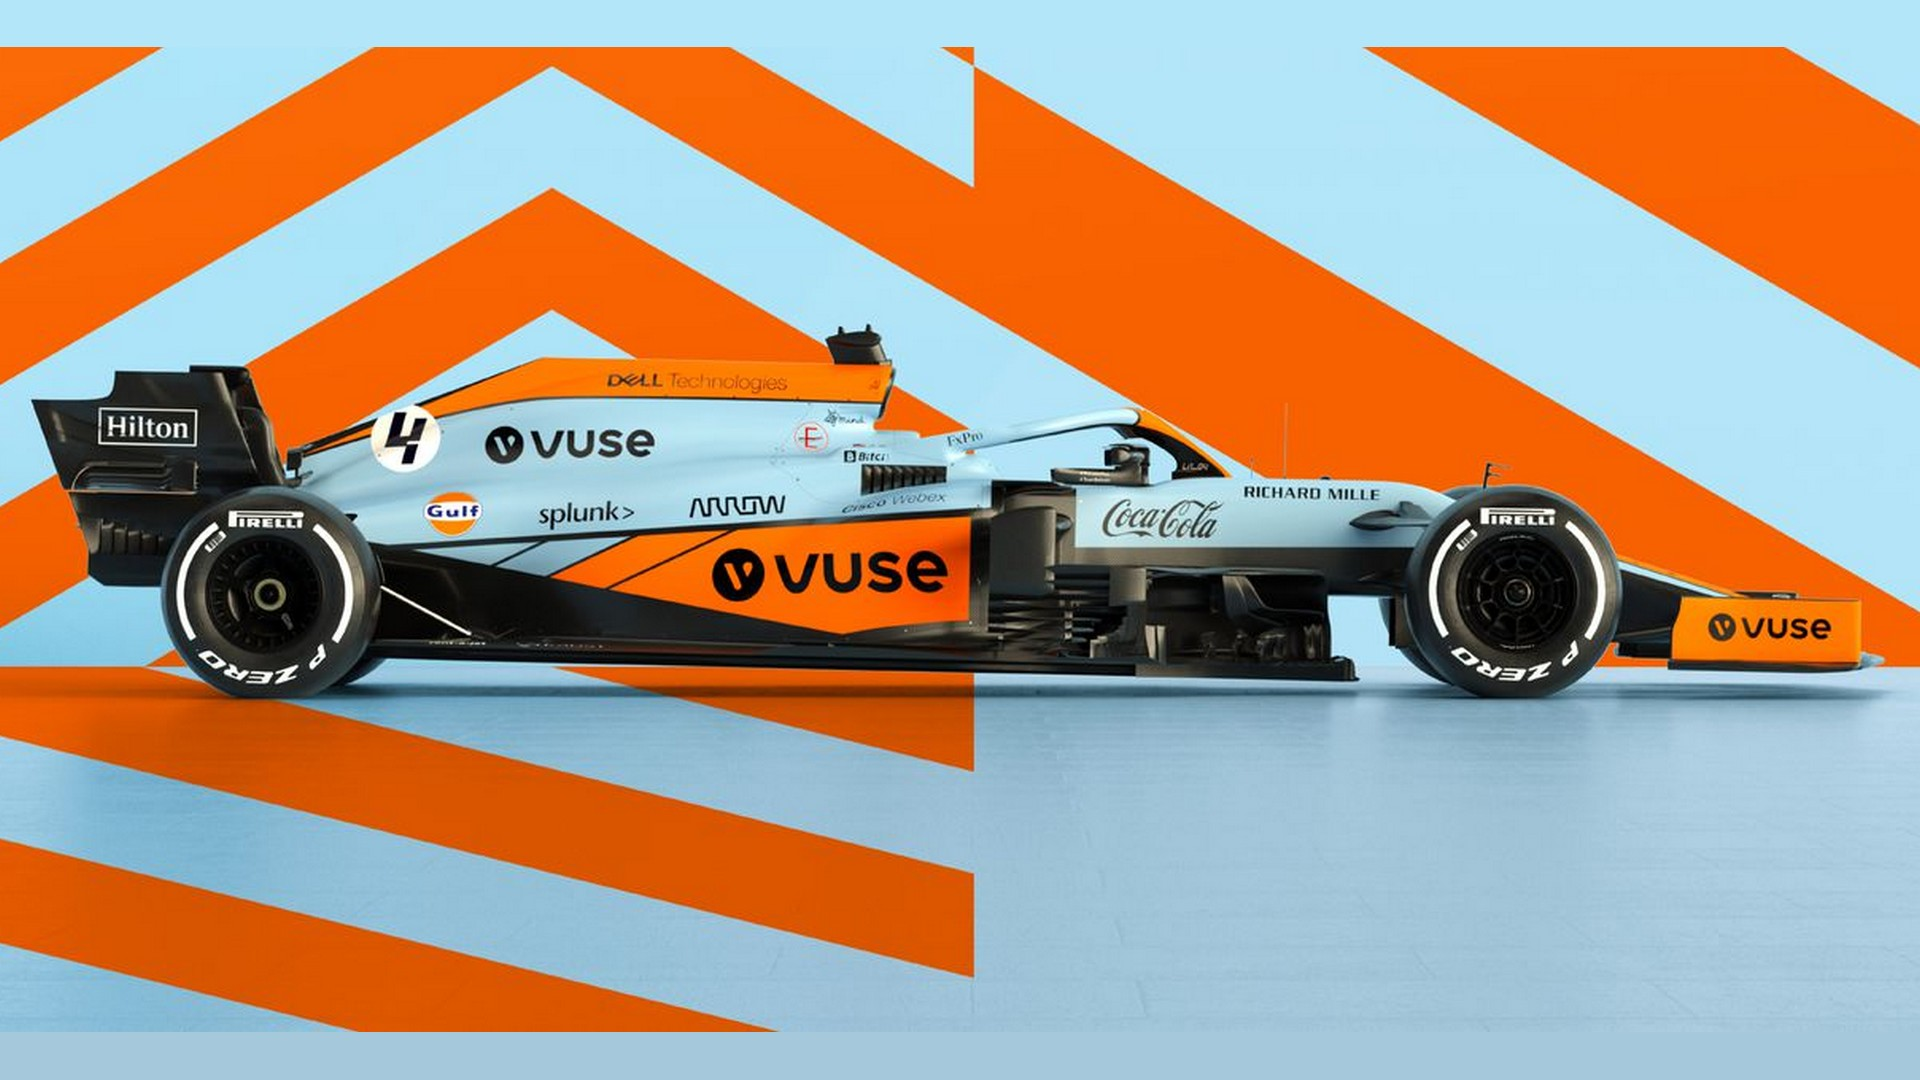 McLaren F1 x Gul GP Monaco 2021